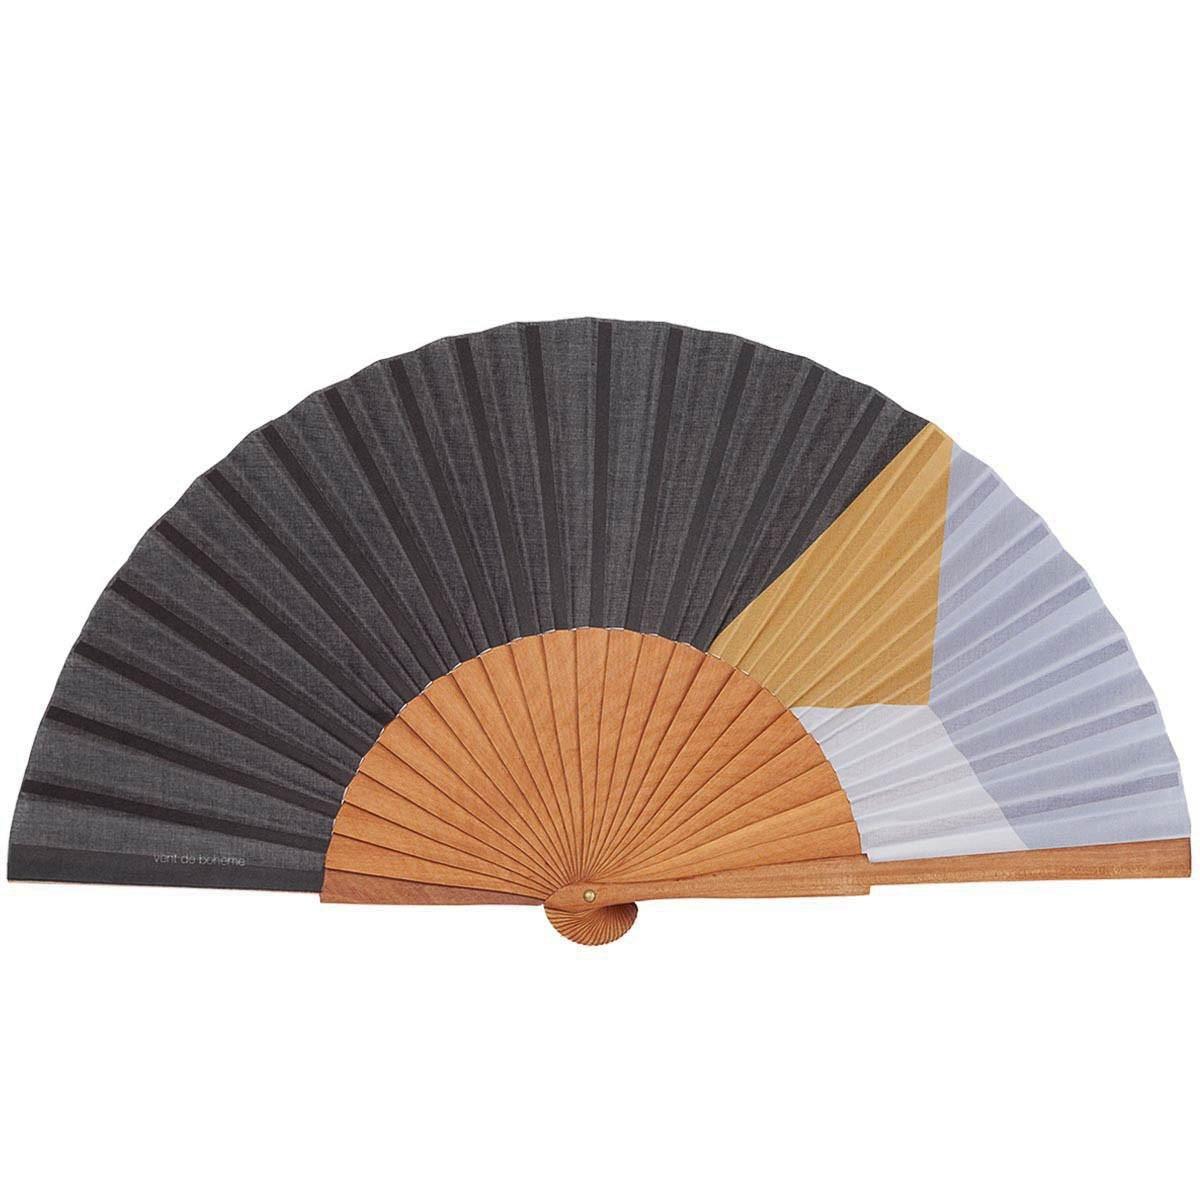 Éventail en bois de merisier et coton imprimé noir